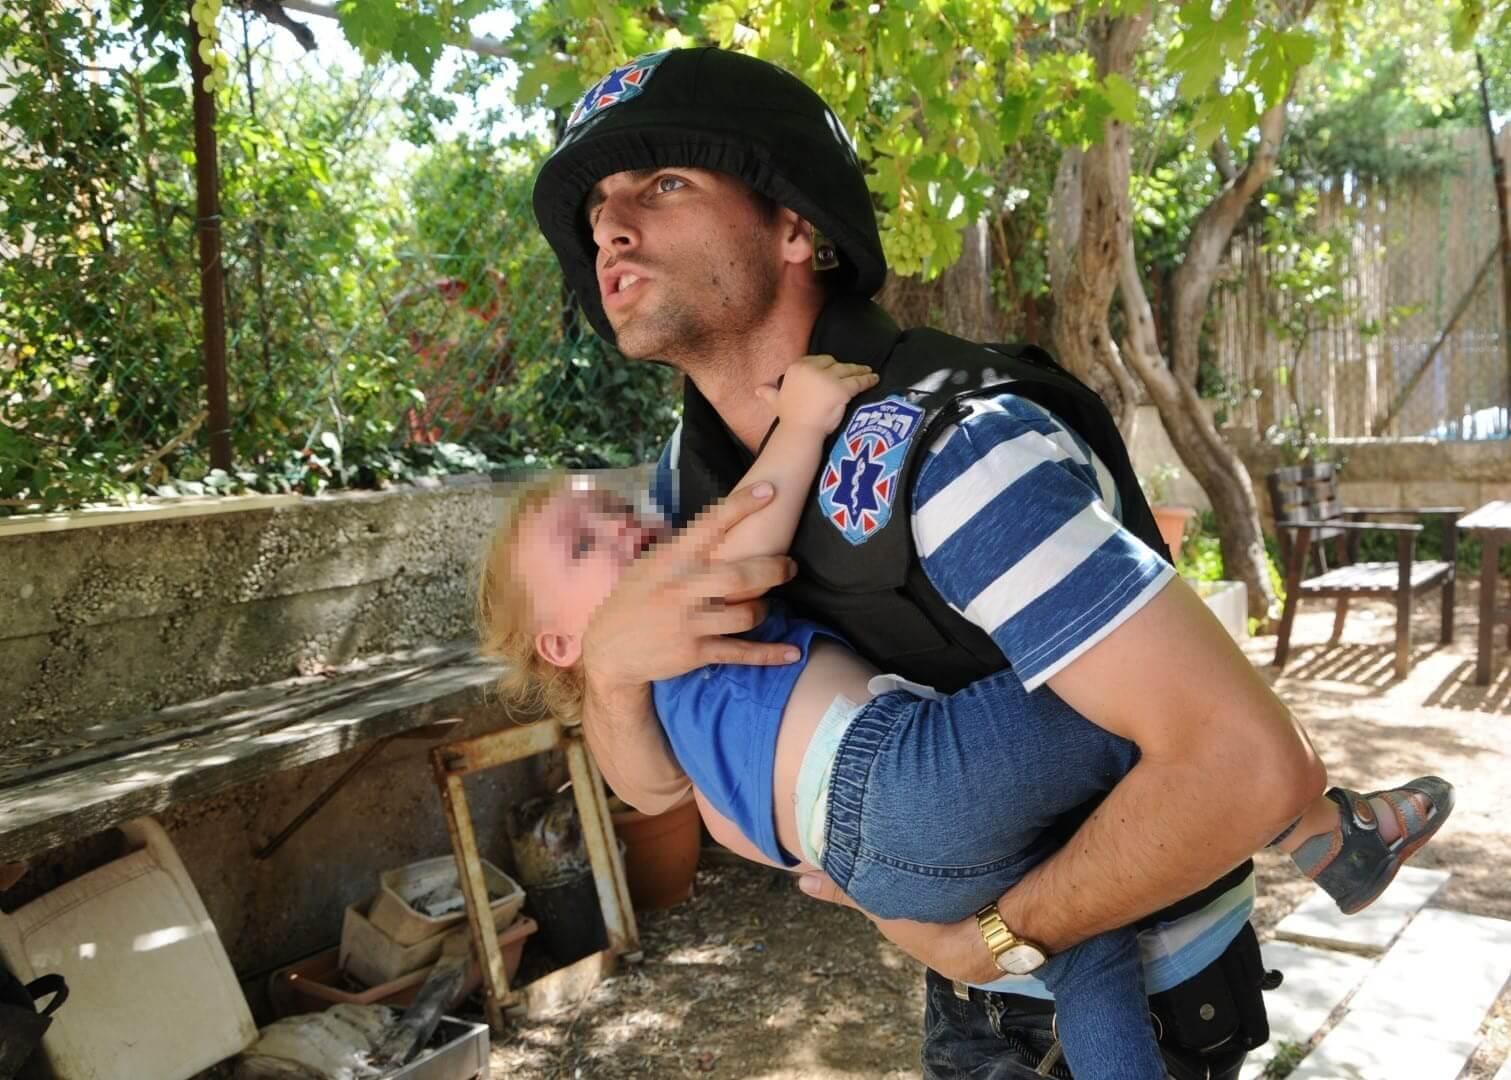 מתנדב איחוד הצלה מציל במלחמה צילום: משה אסולין